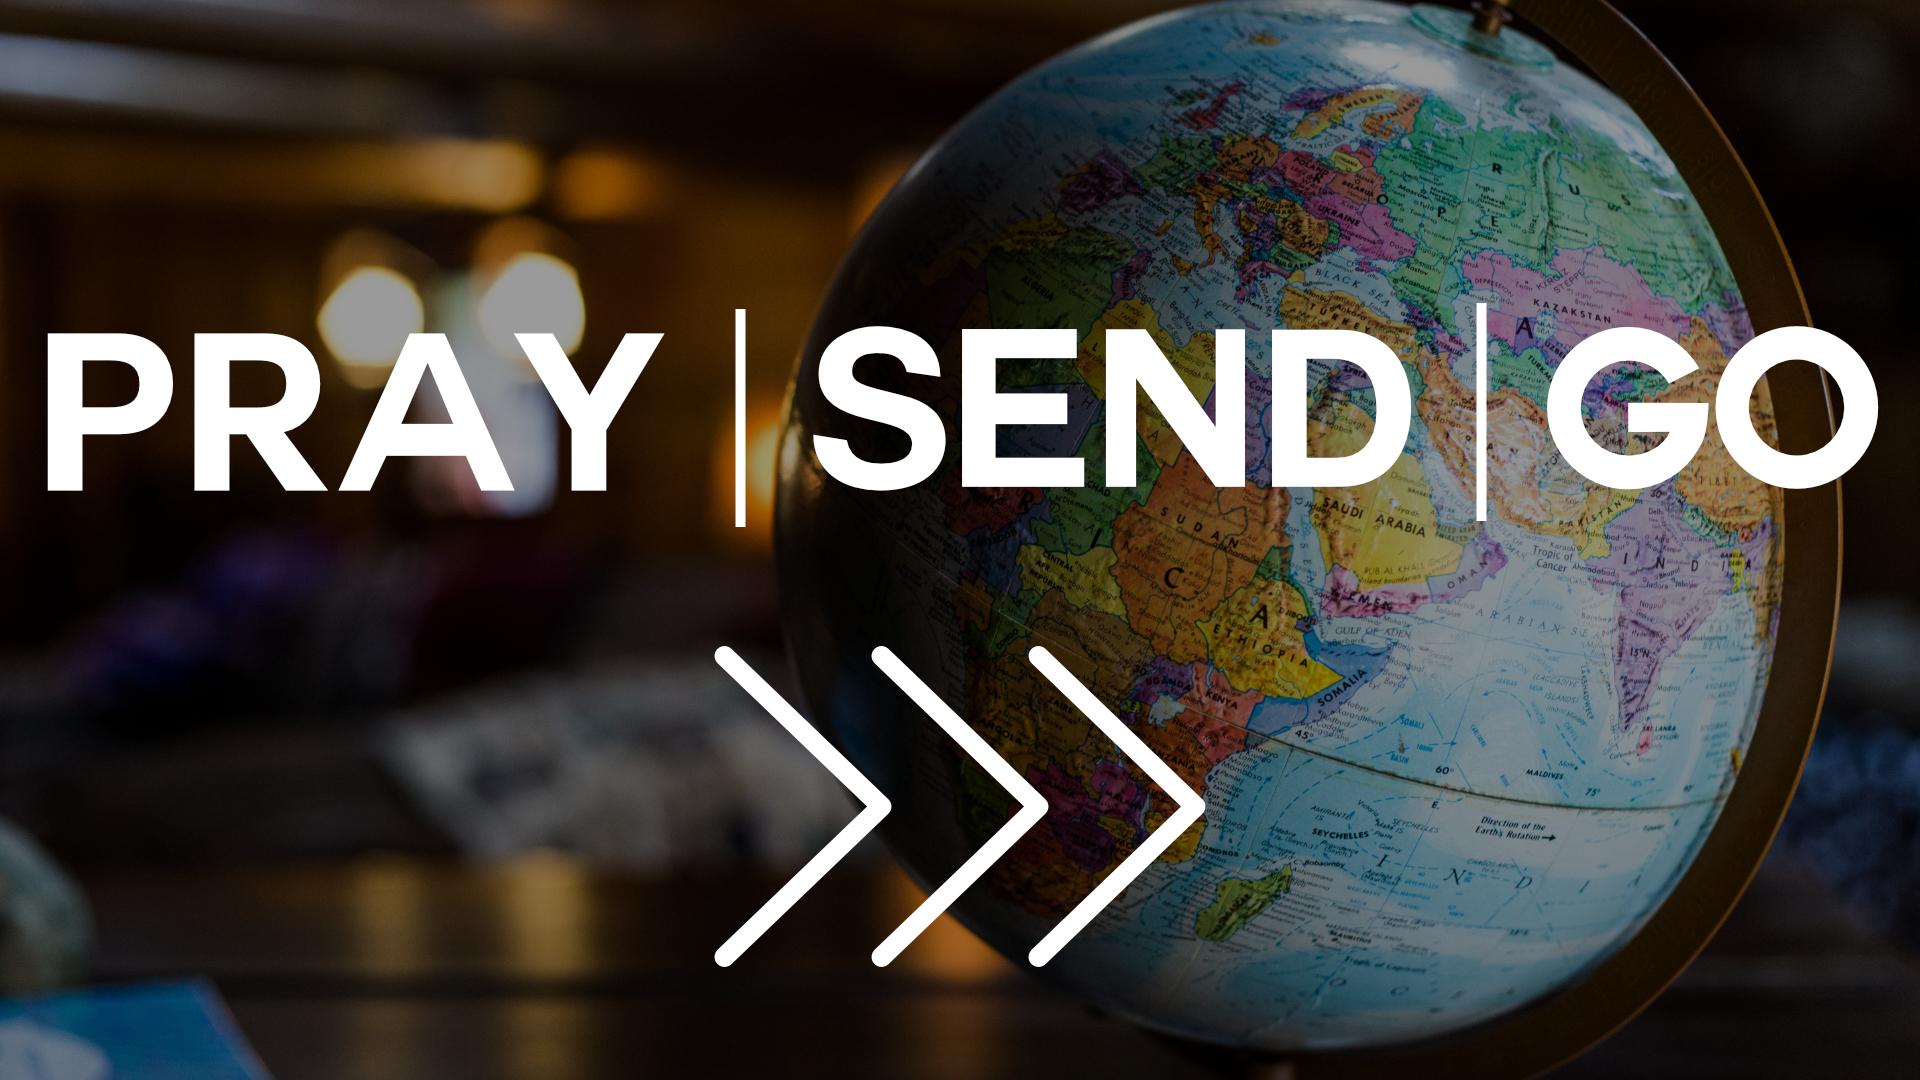 Pray Send Go.jpg